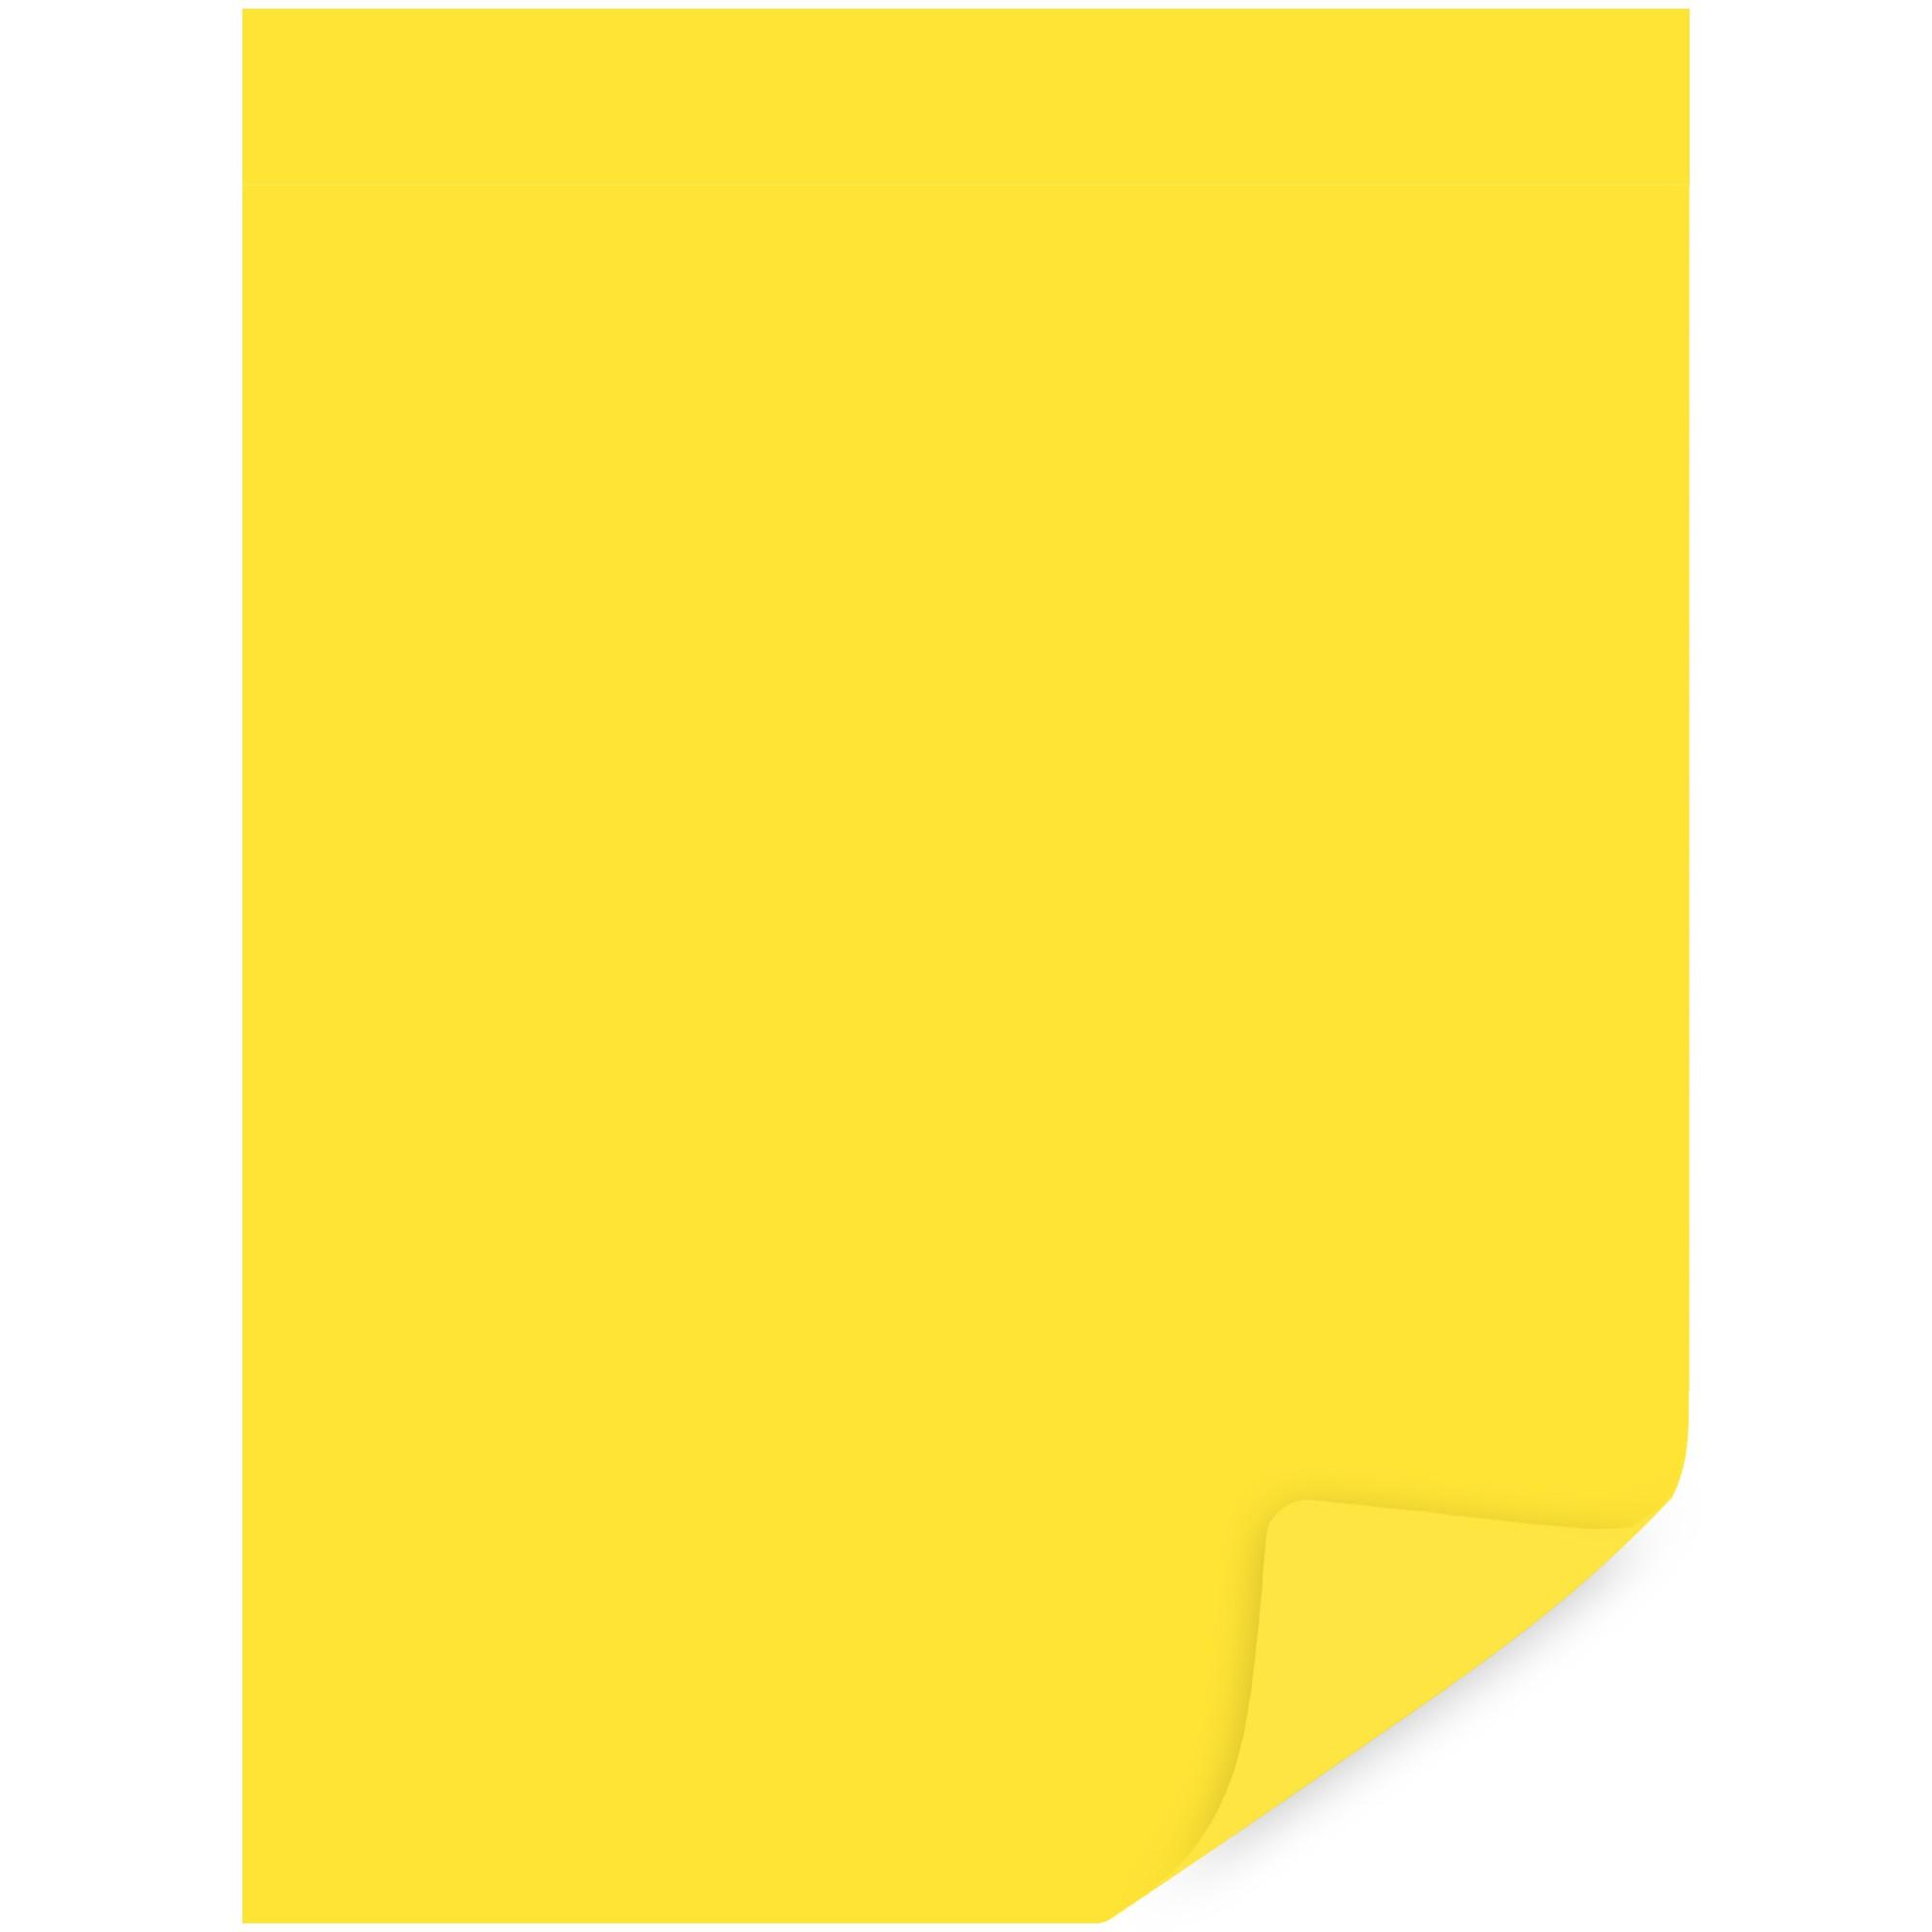 Papel Cartolina Amarela Escolar 50X66CM 120G 6092529 - Multiverde